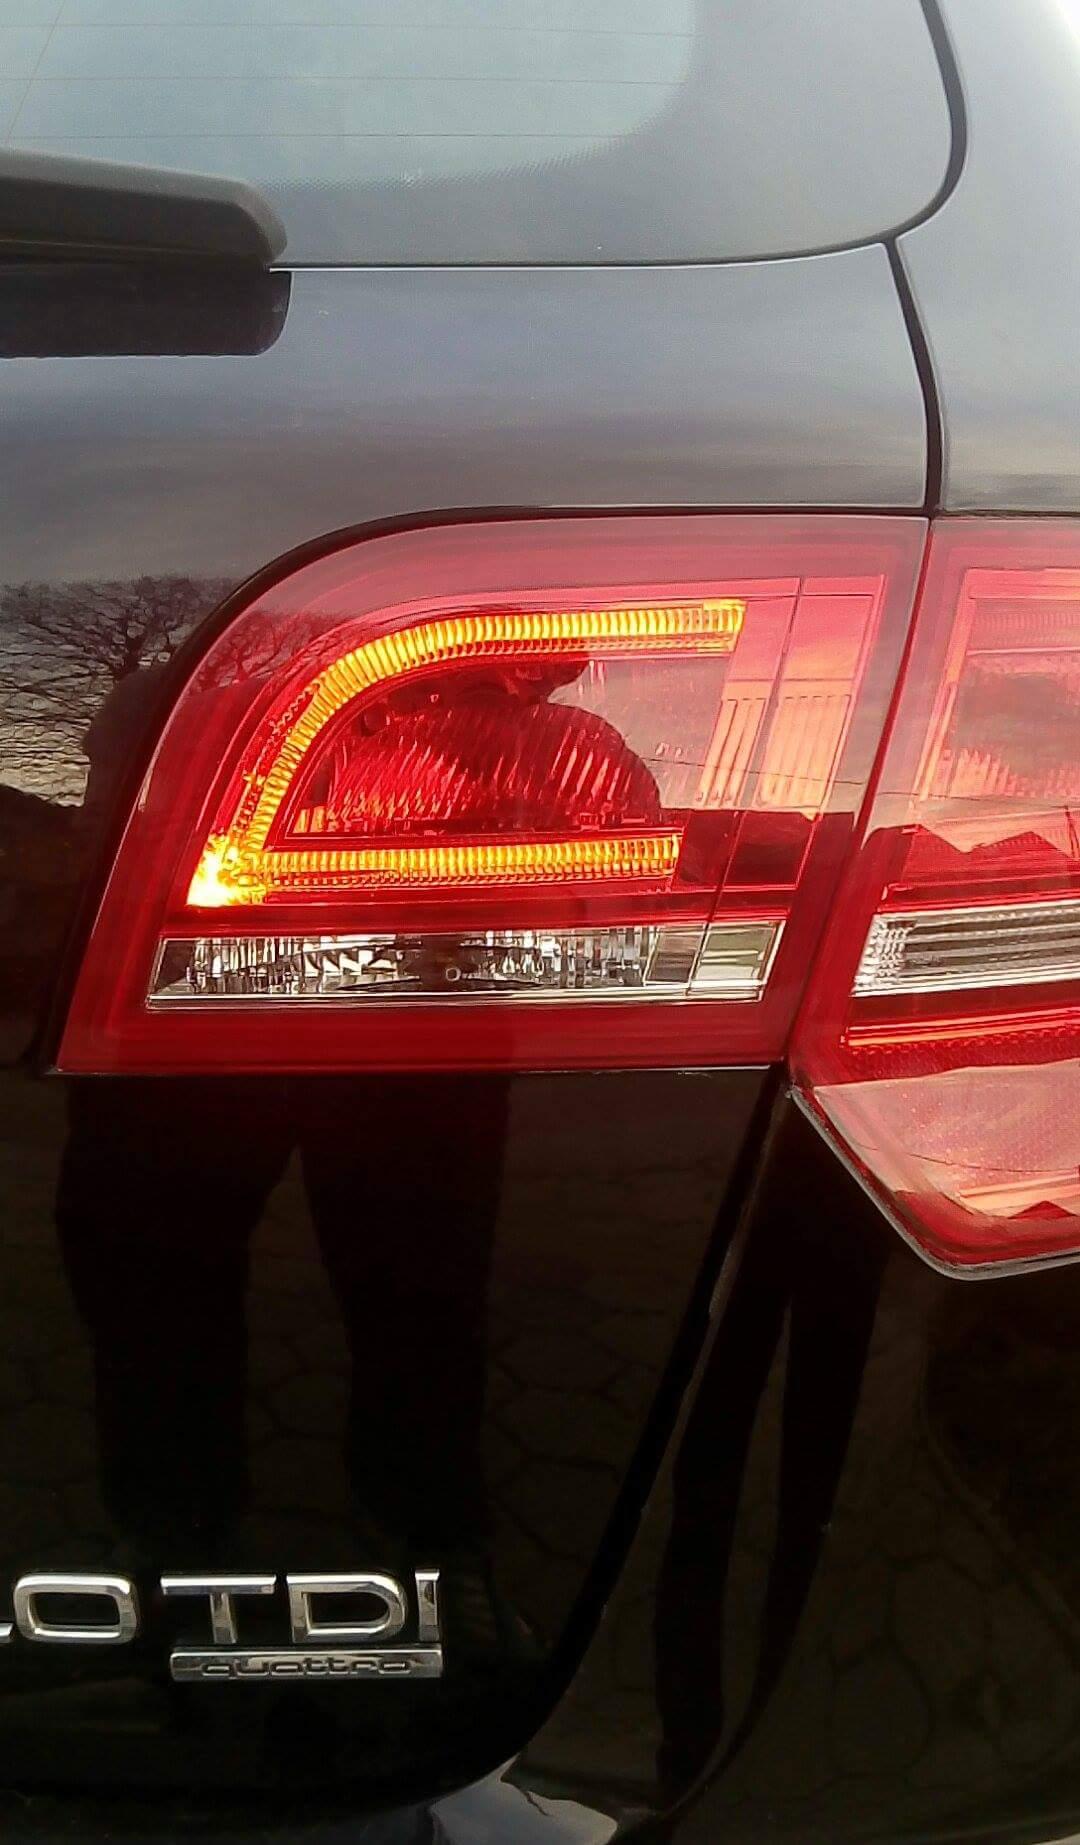 Audi a3 2007 rear right led light aftermarket problem | Audi-Sport.net